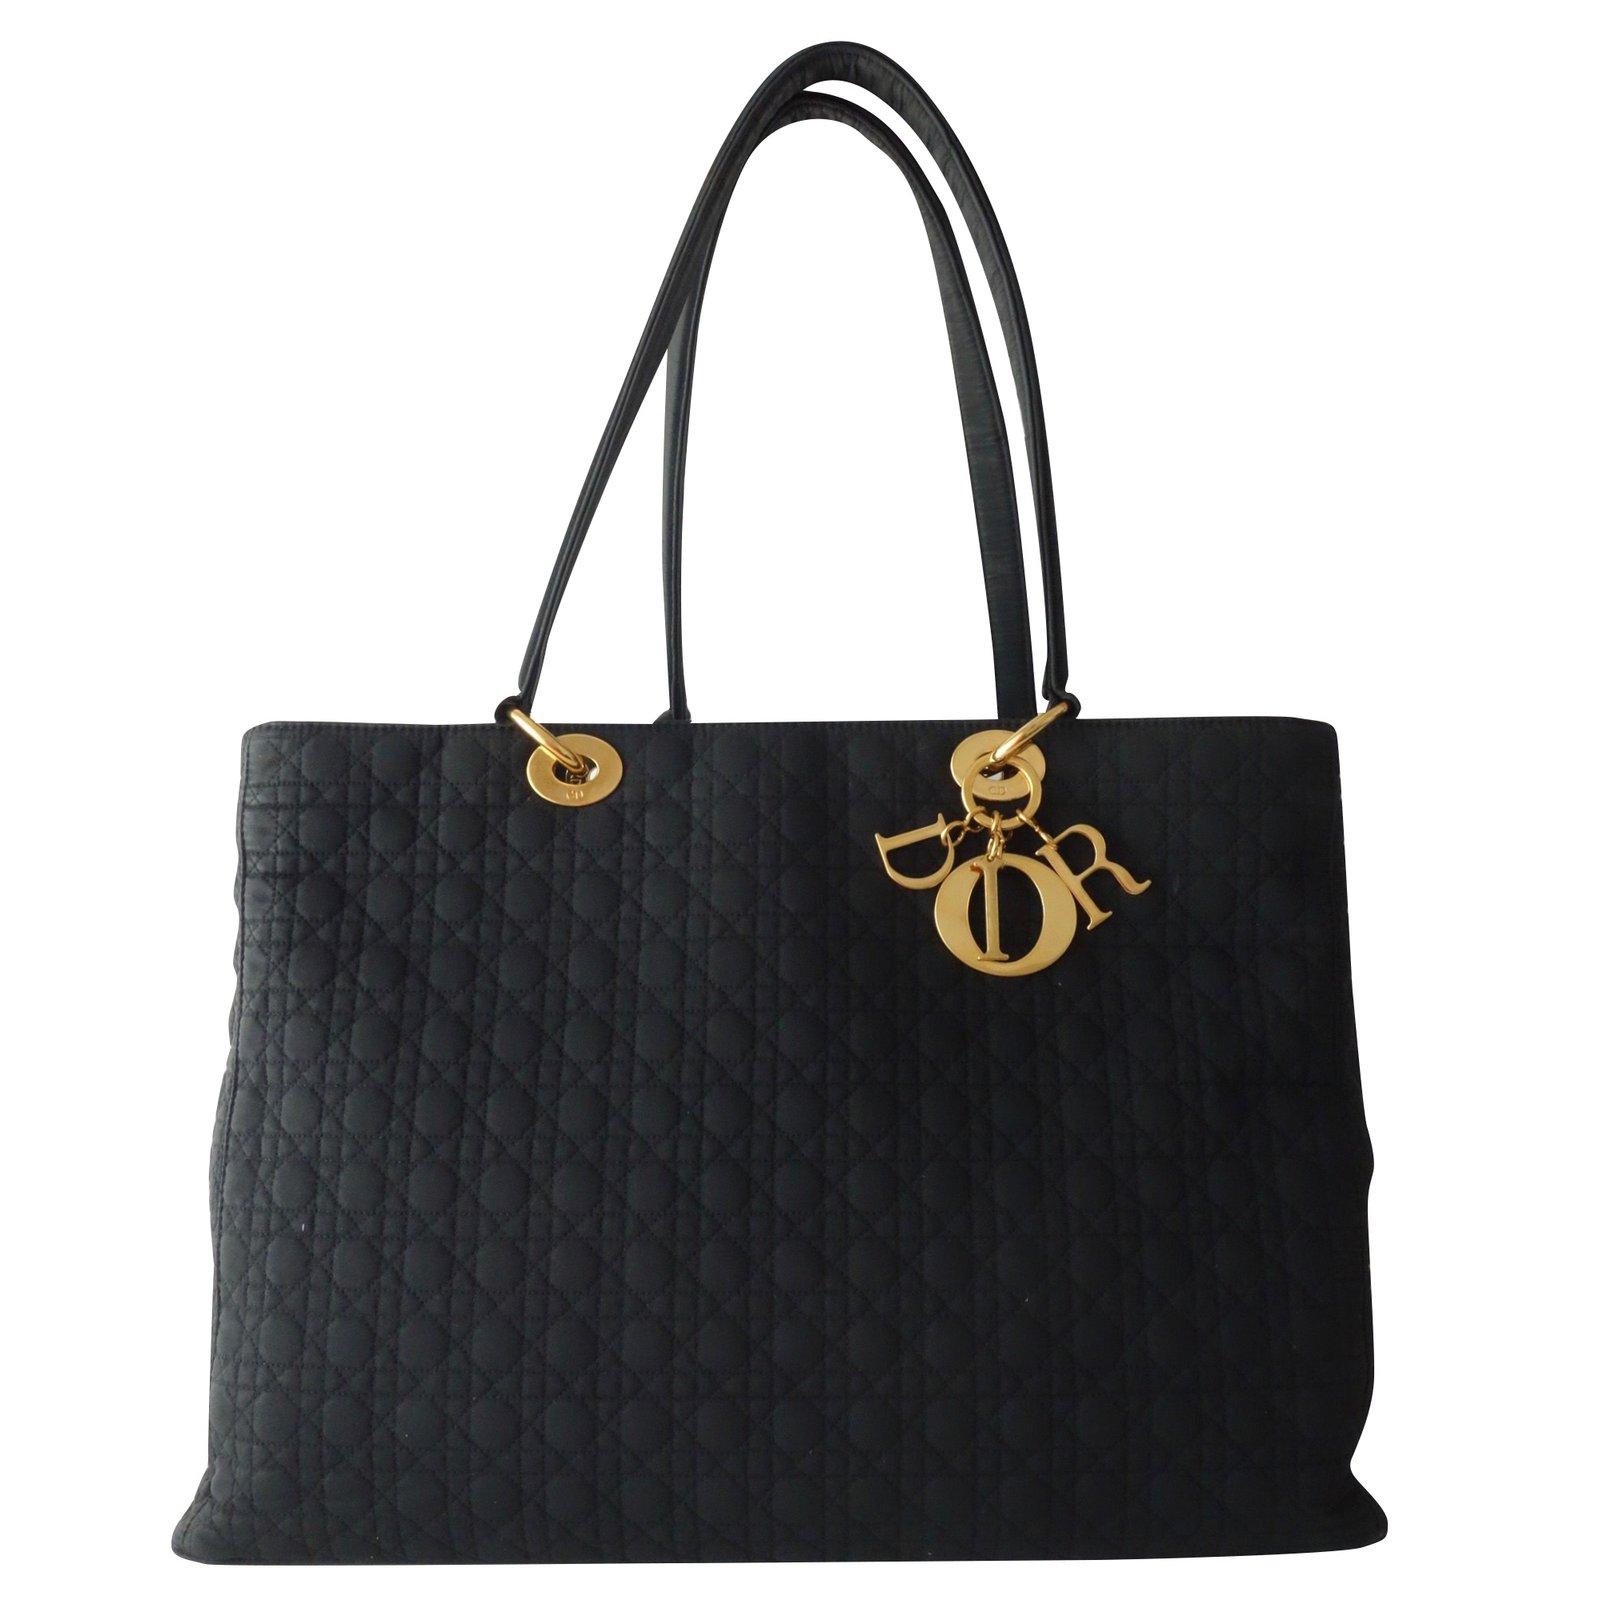 4c80a667f Christian Dior BAG LADY DIOR GM CANVAS BLACK Handbags Cloth Black ref.93785